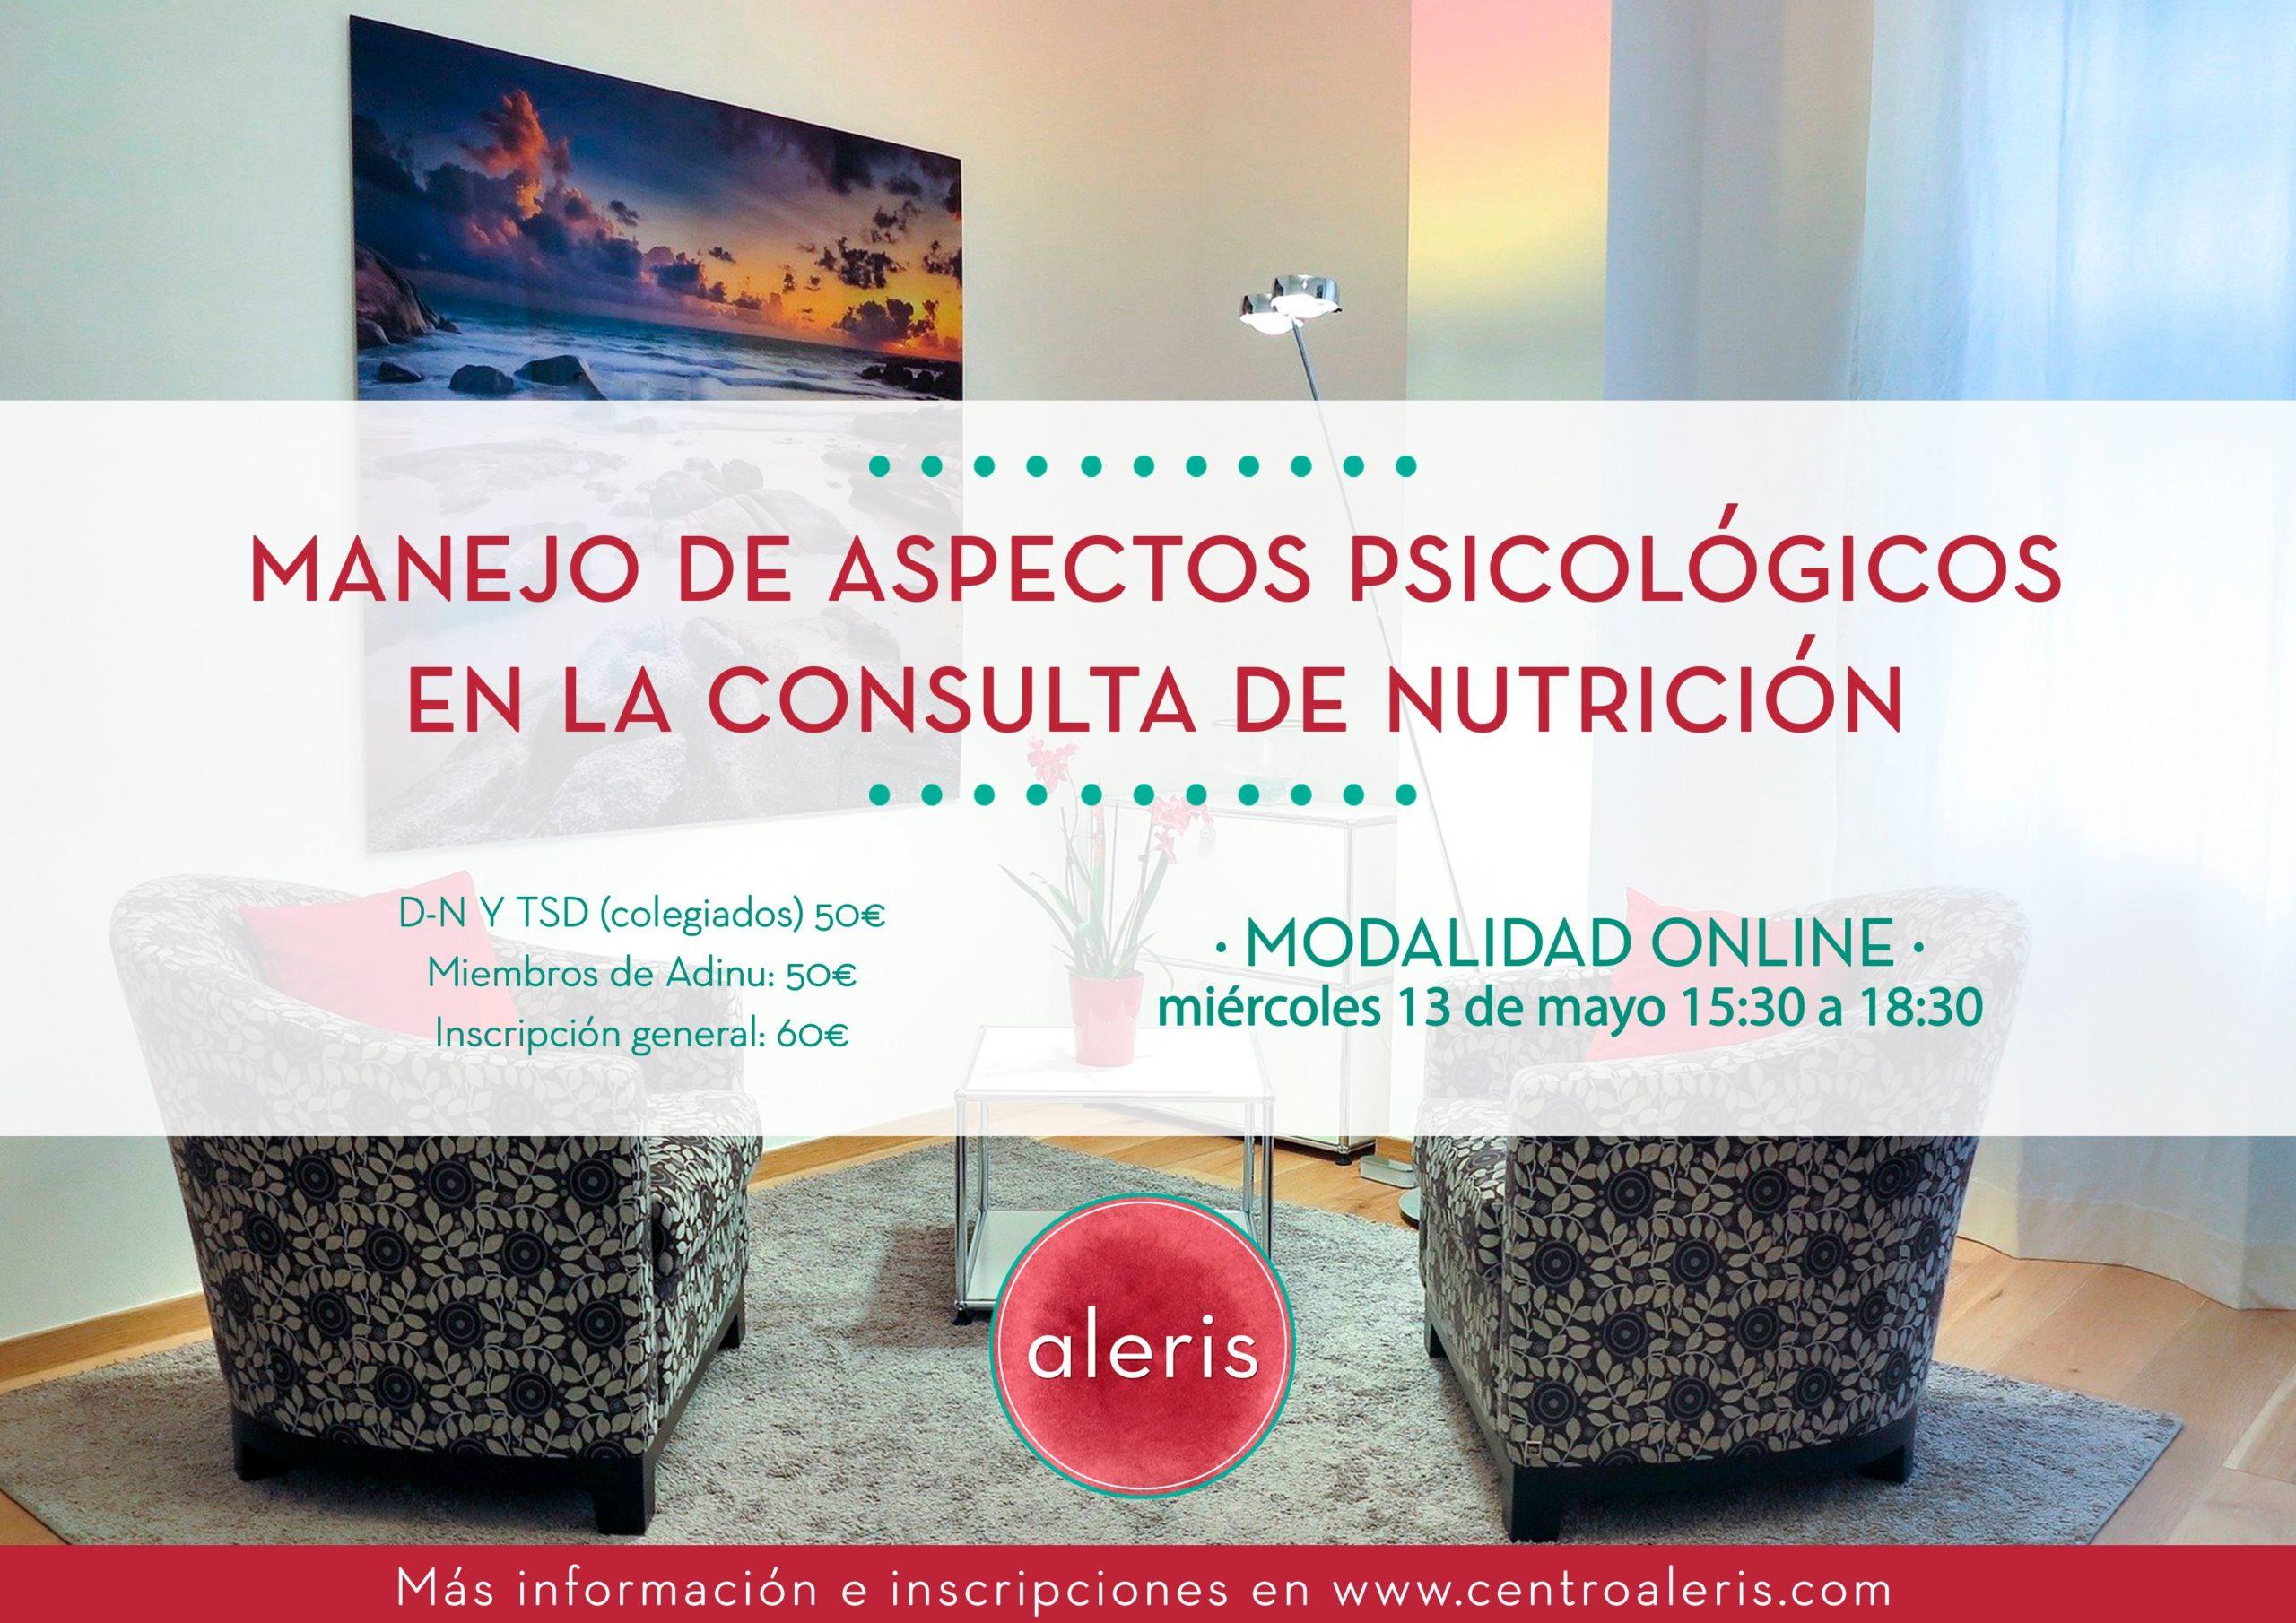 Manejo de aspectos psicológicos en la consulta de nutrición